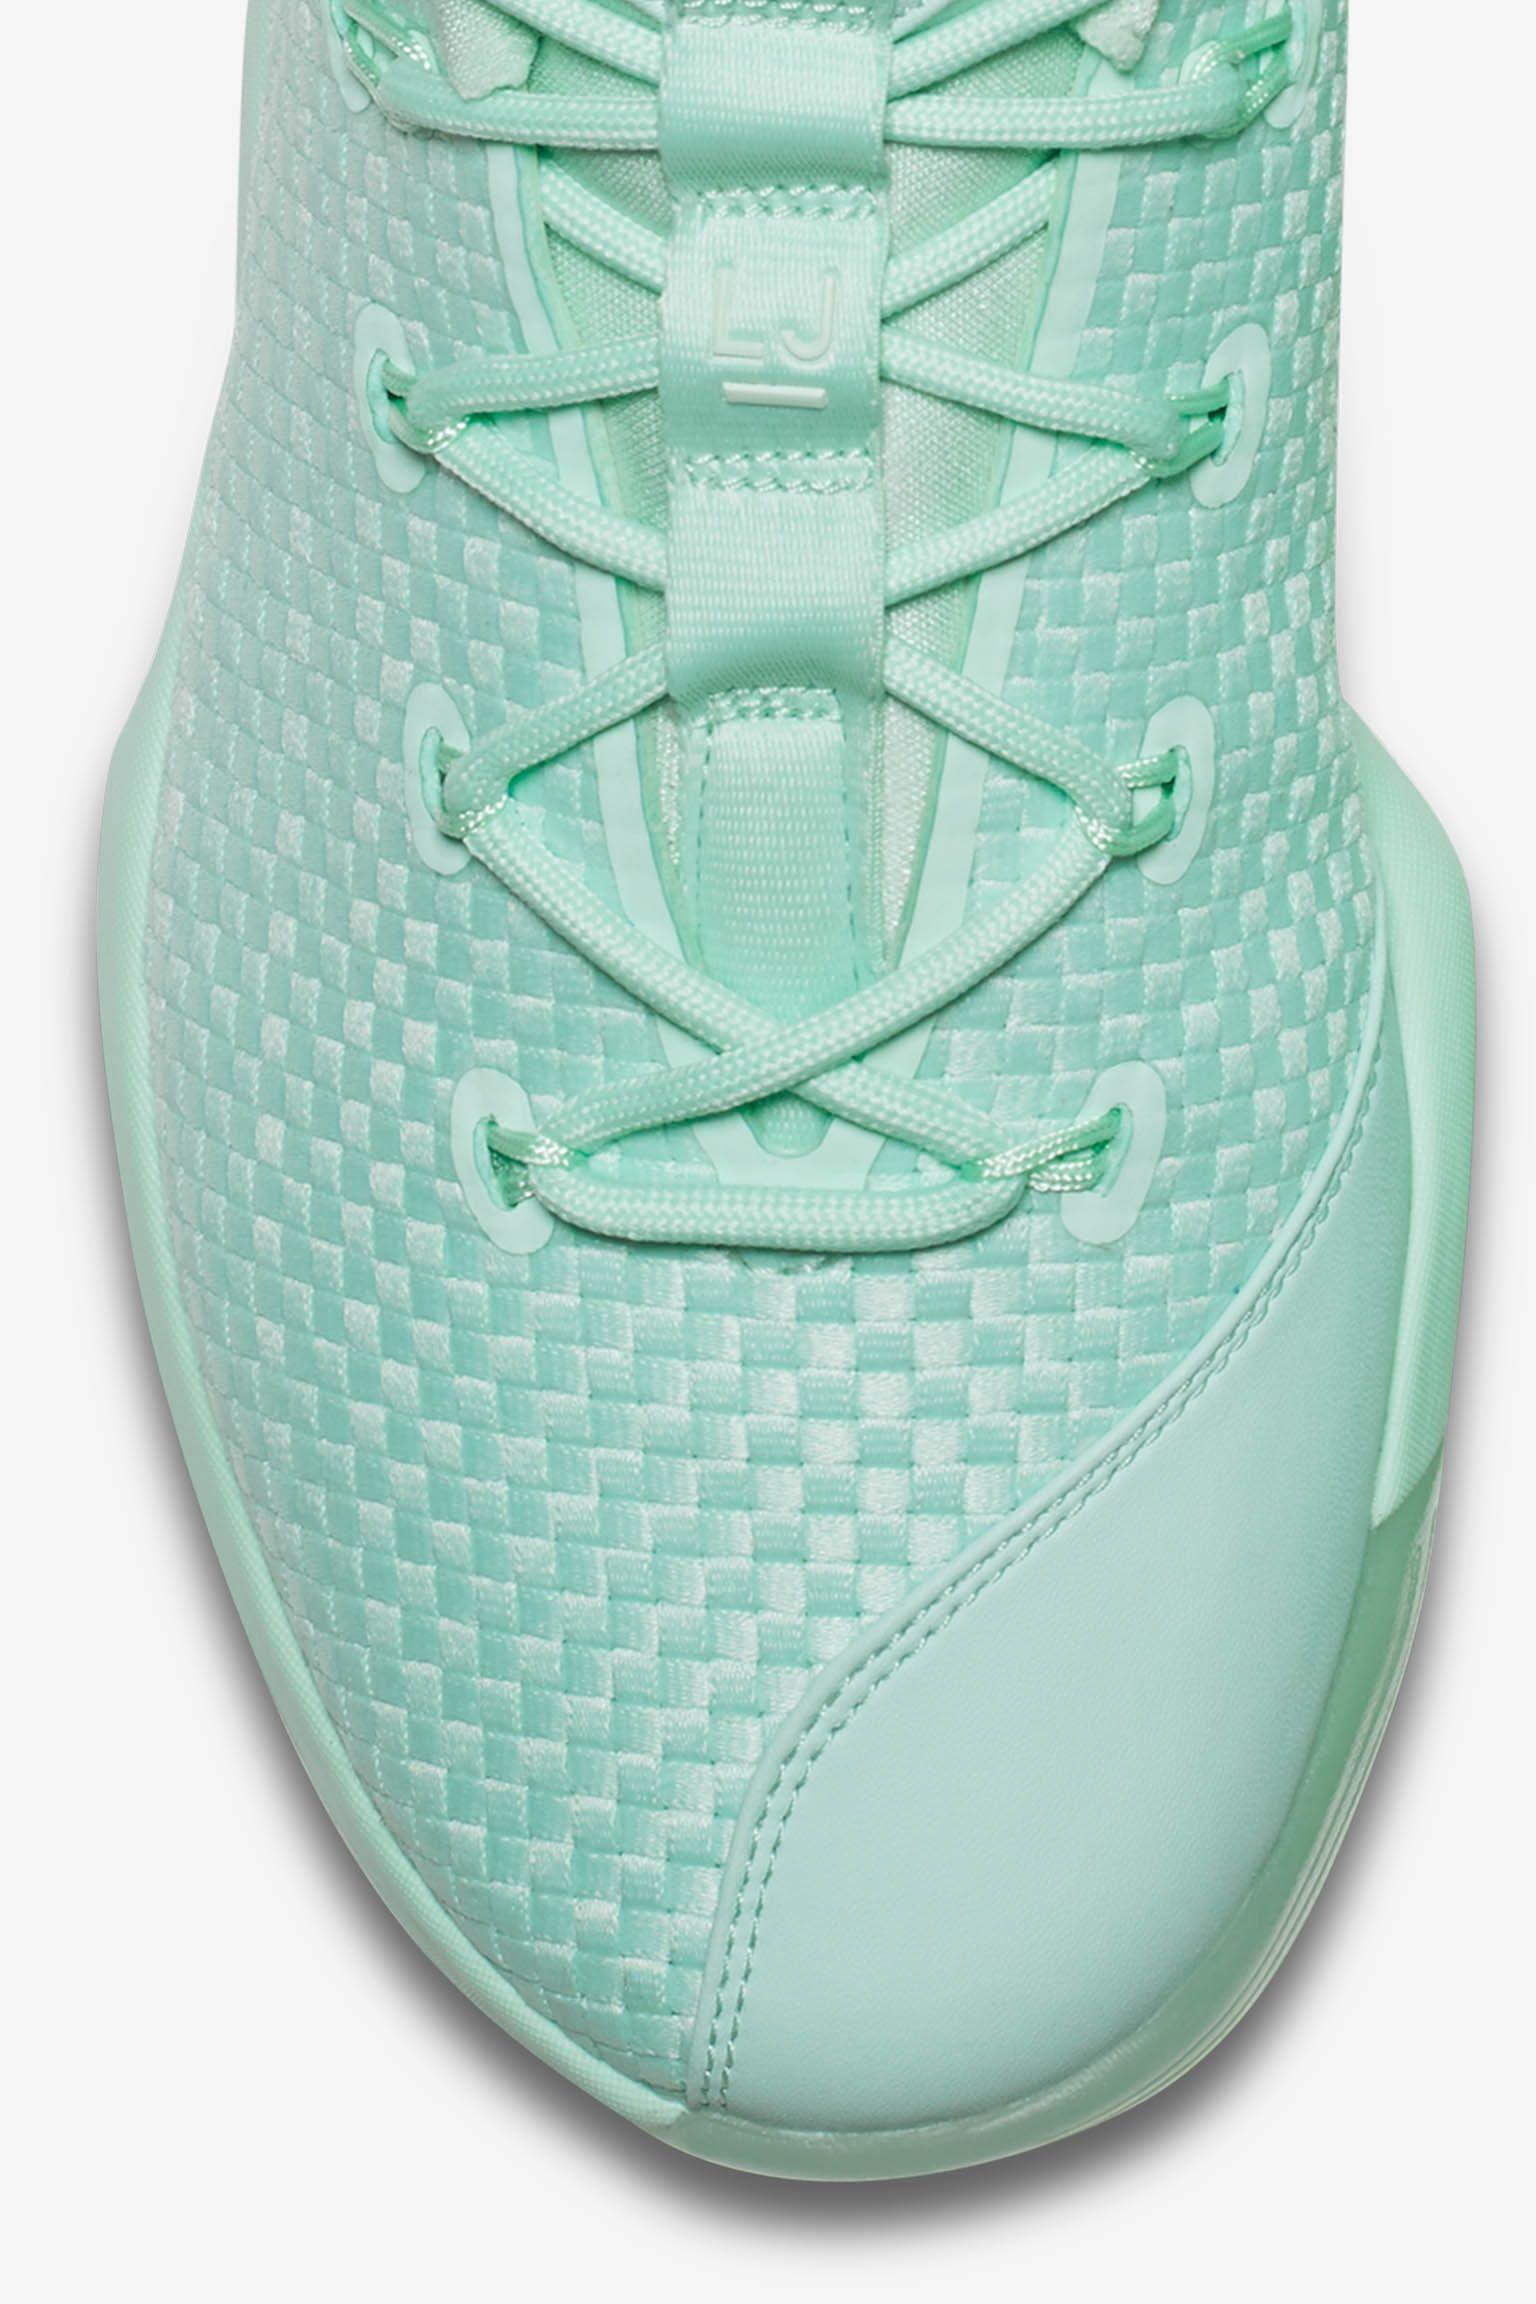 Nike LeBron 14 Low 'Mint Foam'